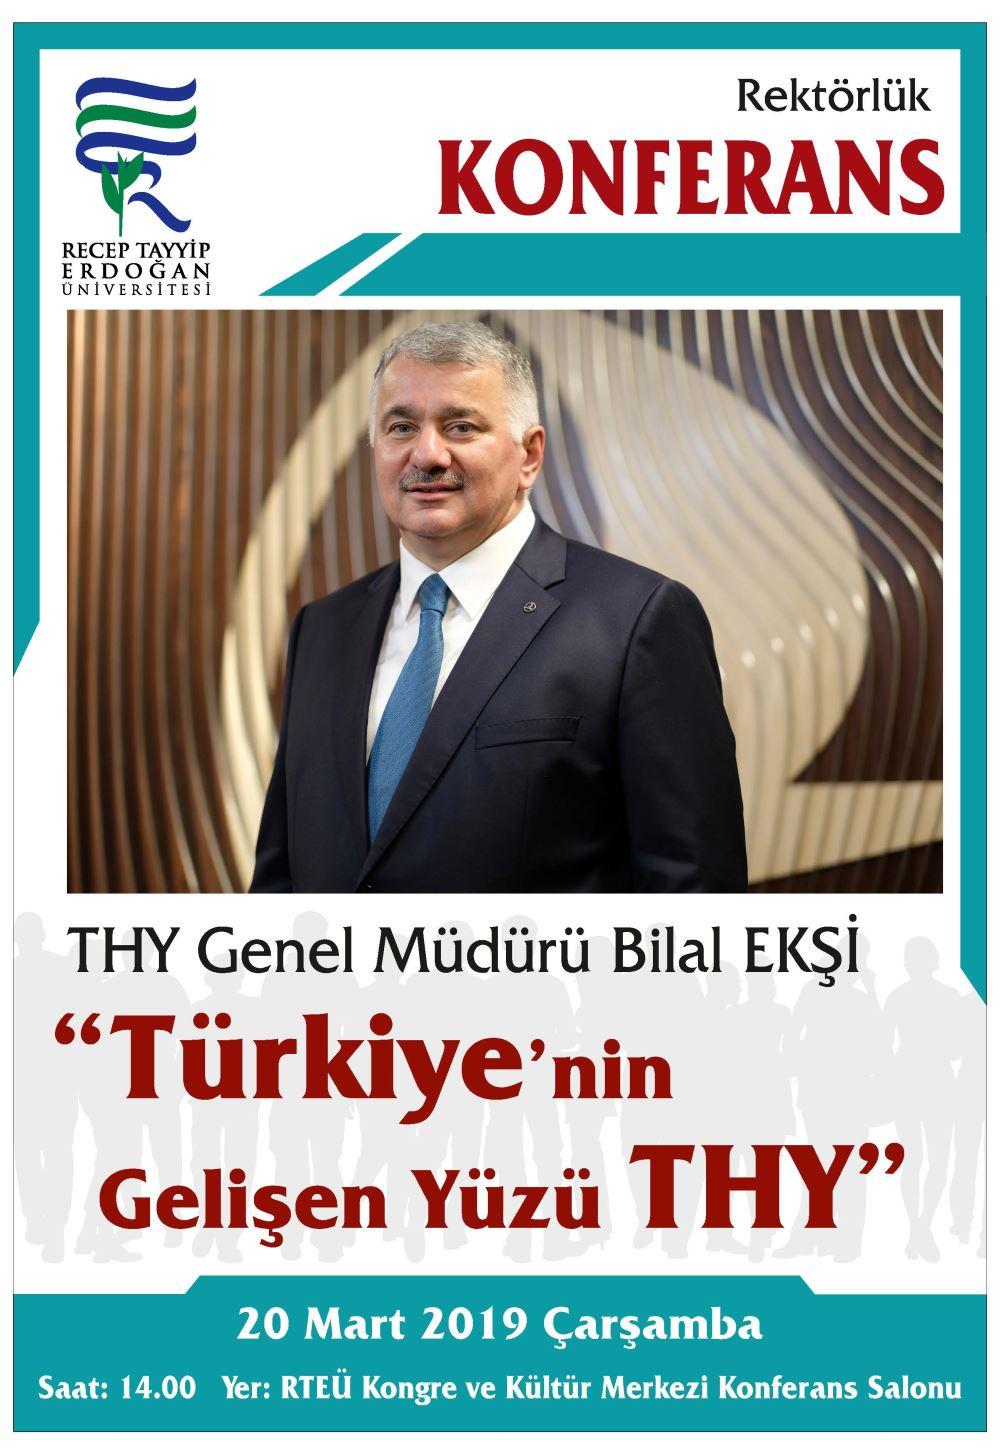 Türkiye'nin Gelişen Yüzü THY